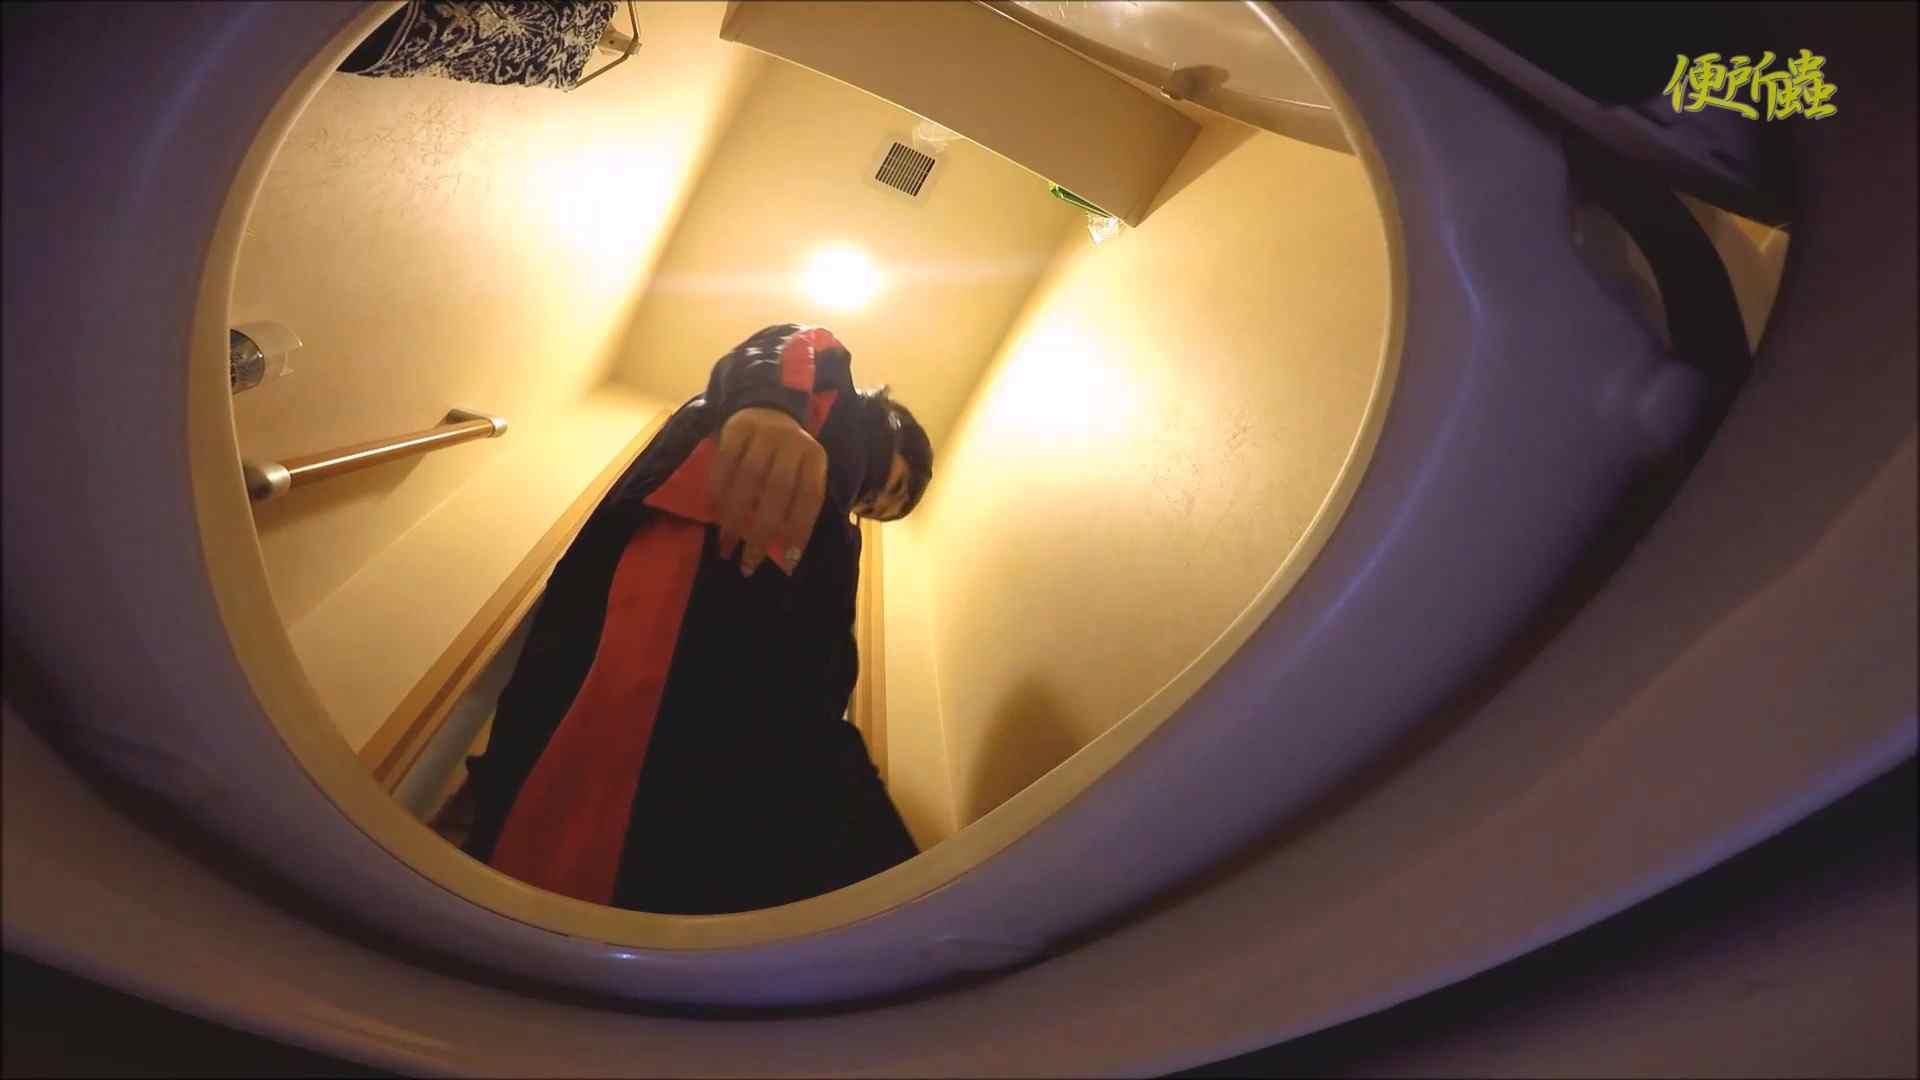 vol.04 便所蟲さんのリターン~寺子屋洗面所盗撮~ 高画質 アダルト動画キャプチャ 102画像 70